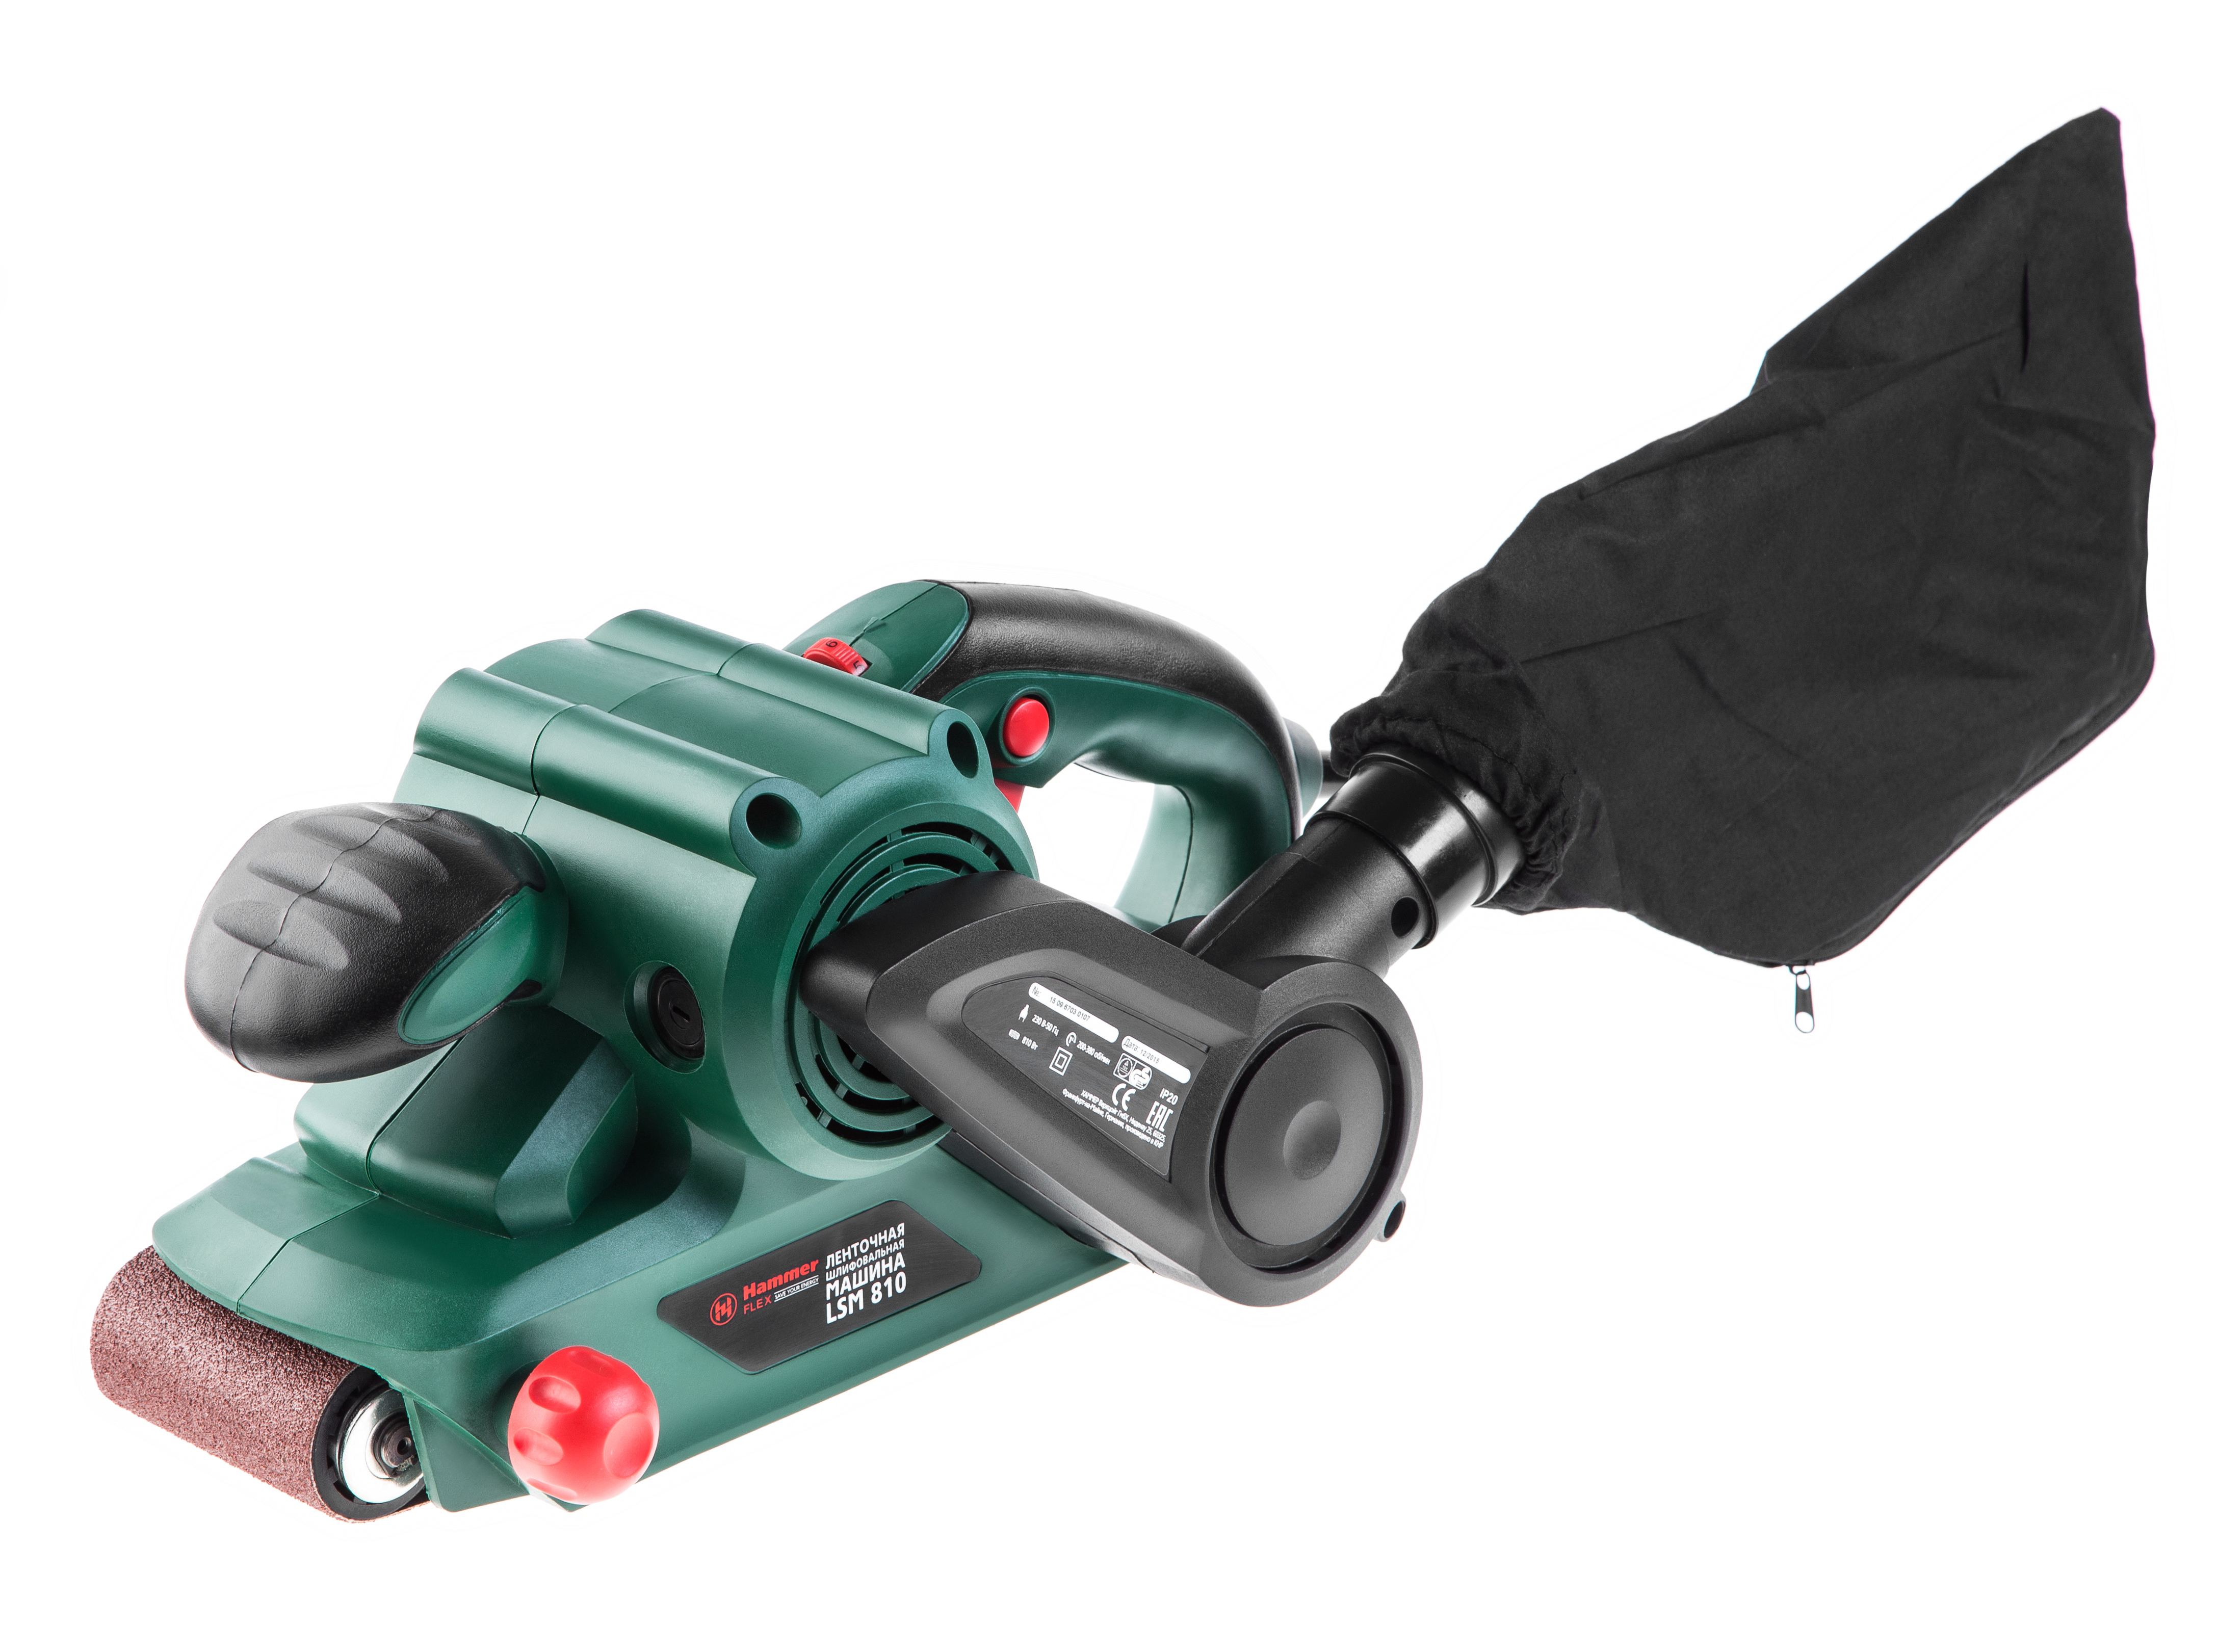 Машинка шлифовальная ленточная Hammer Lsm810 цена